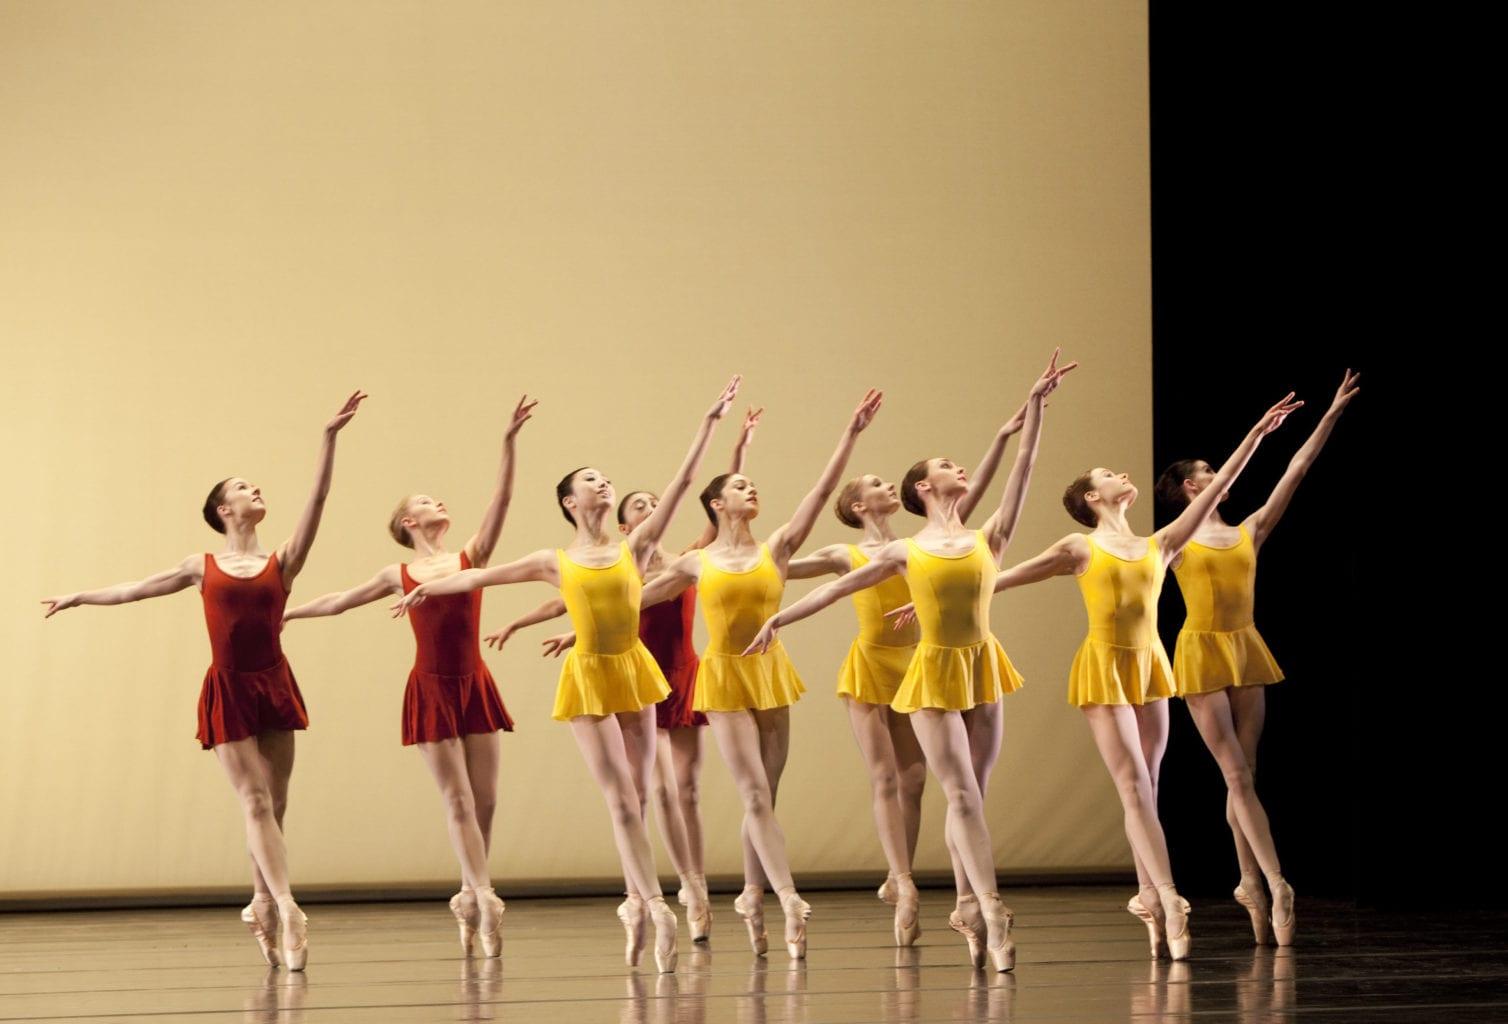 Weer ballet bij Cinema Amstelveen - Amstelveenblog.nl